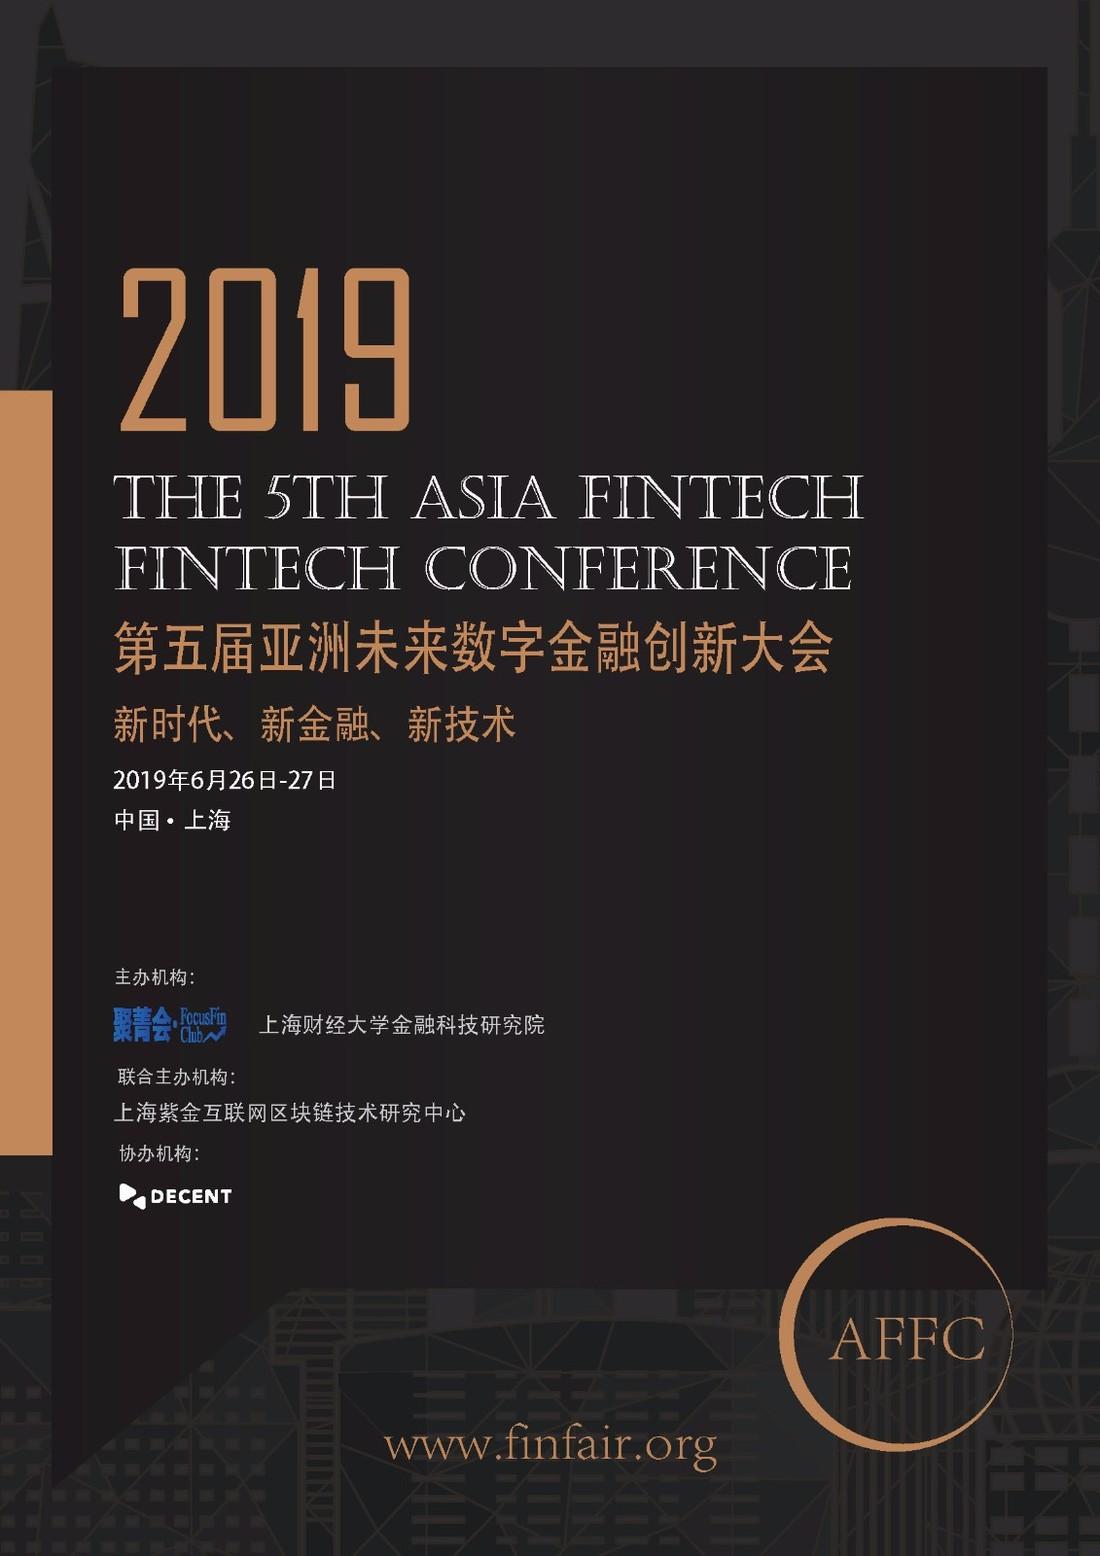 第五届亚洲未来数字金融大会宣传手册_页面_1.jpg